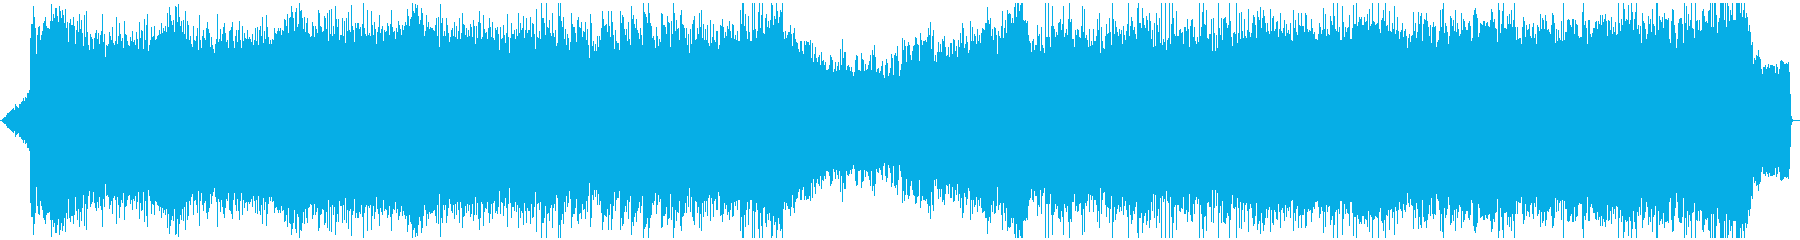 スピード感・ダークでクールなトランスの再生済みの波形